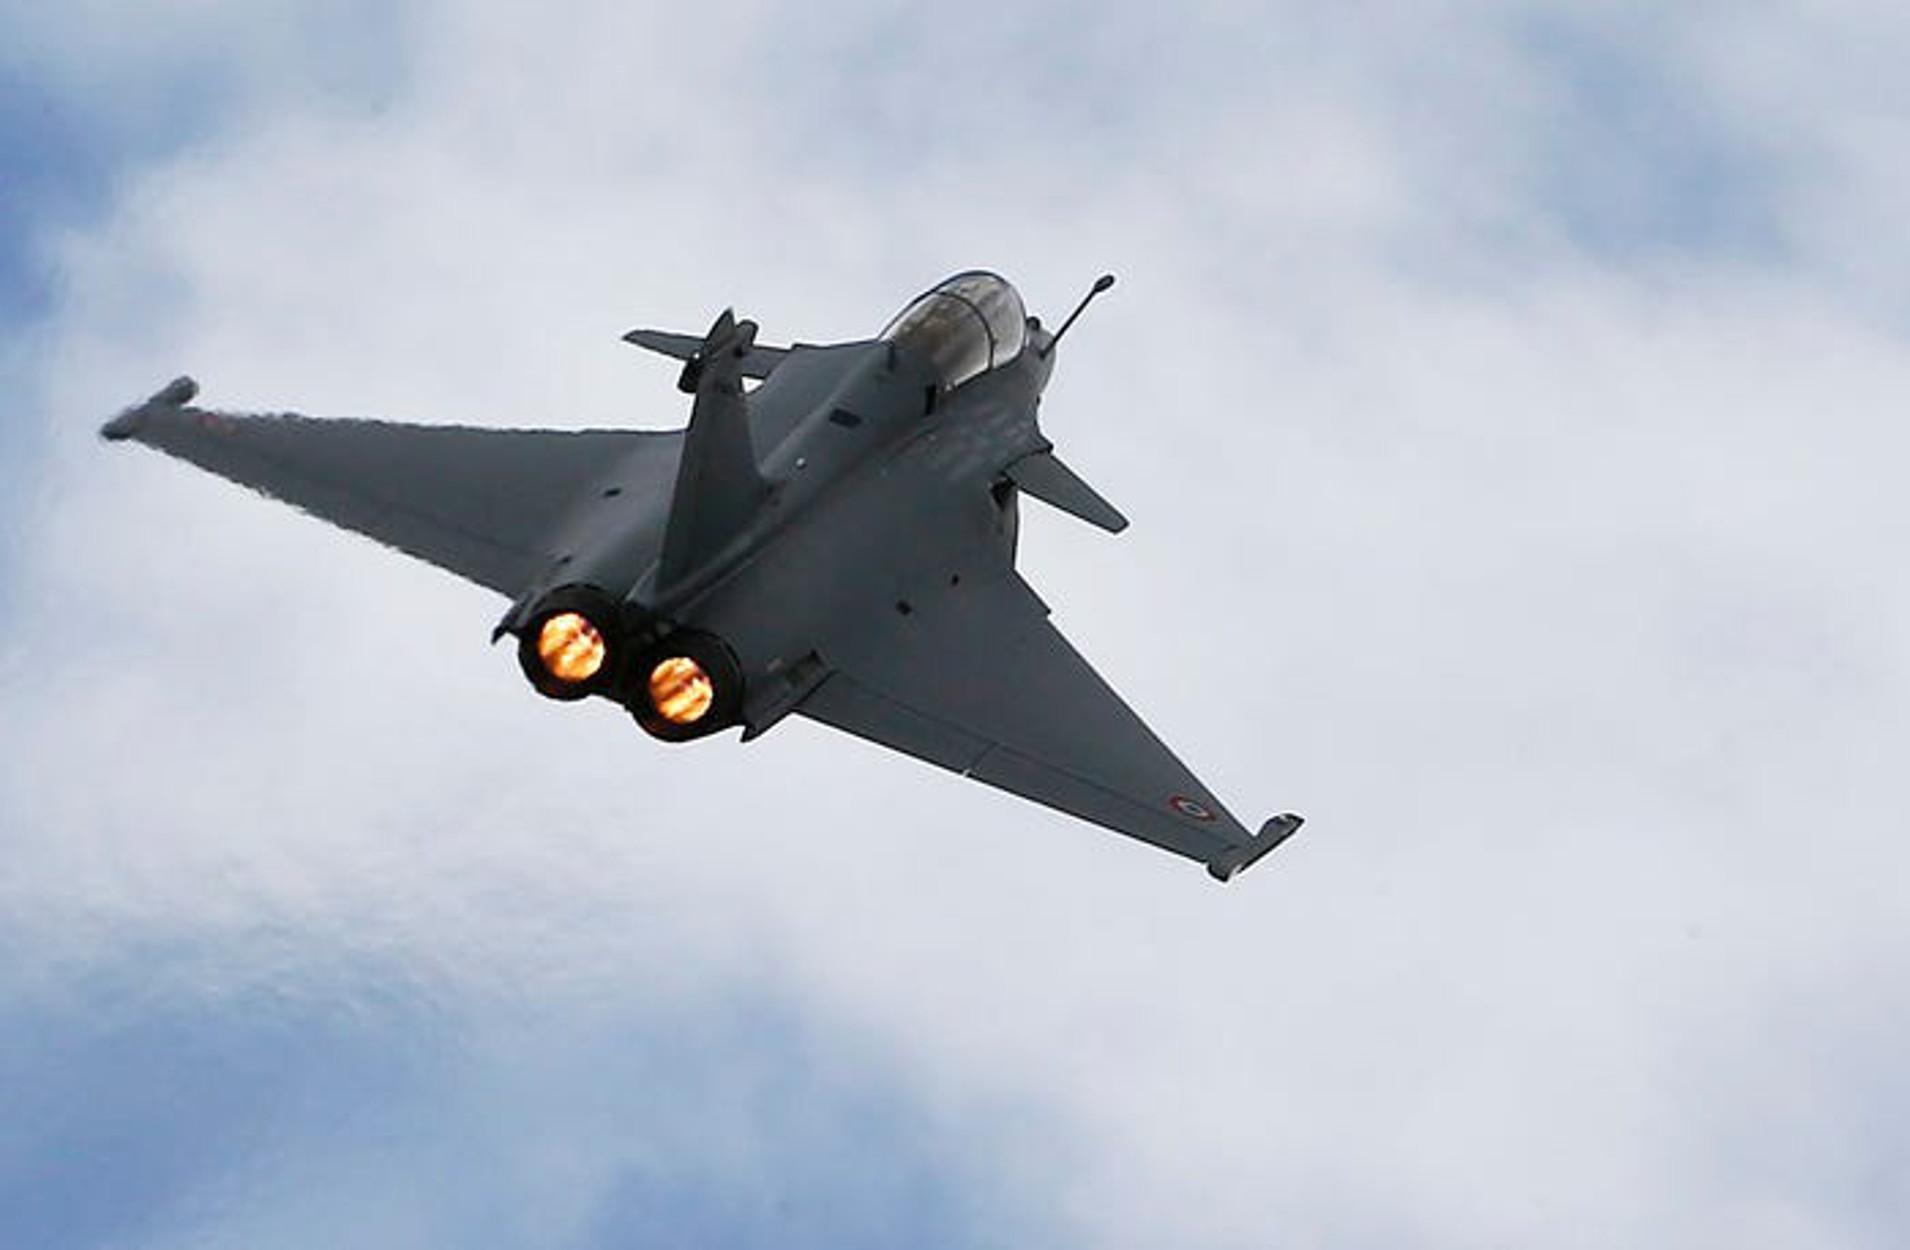 Η Αλγερία έκλεισε τον εναέριο χώρο της για τα γαλλικά στρατιωτικά αεροσκάφη